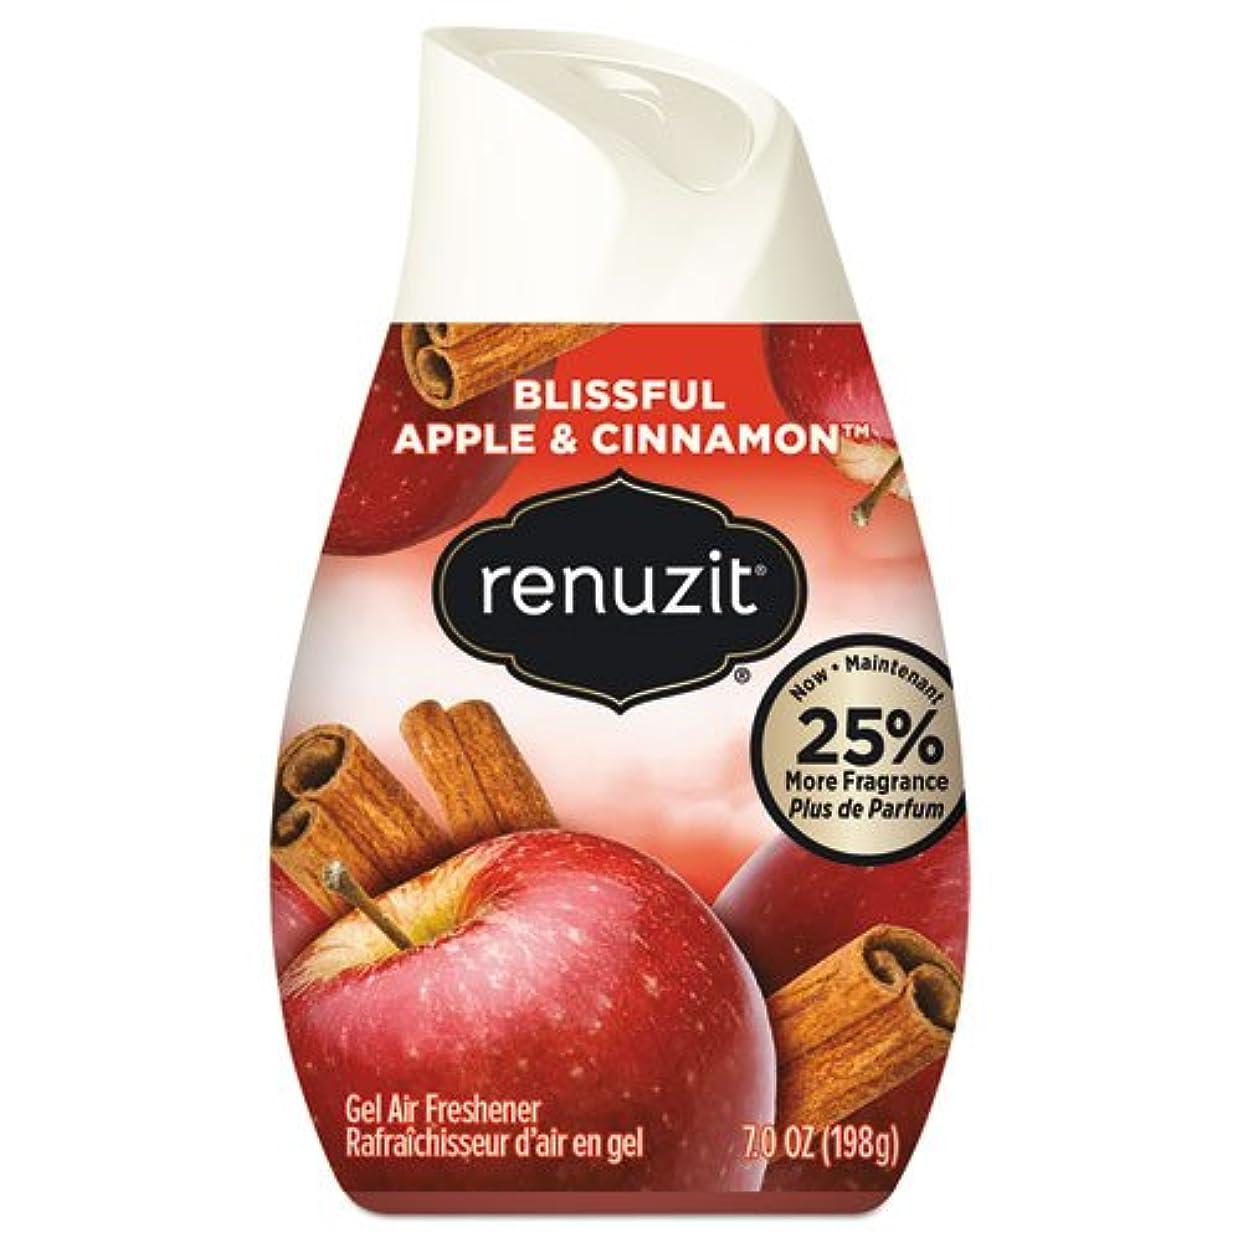 応じる速度購入リナジット[Renuzit] エアーフレッシュナーアップル&シナモン198g 芳香剤